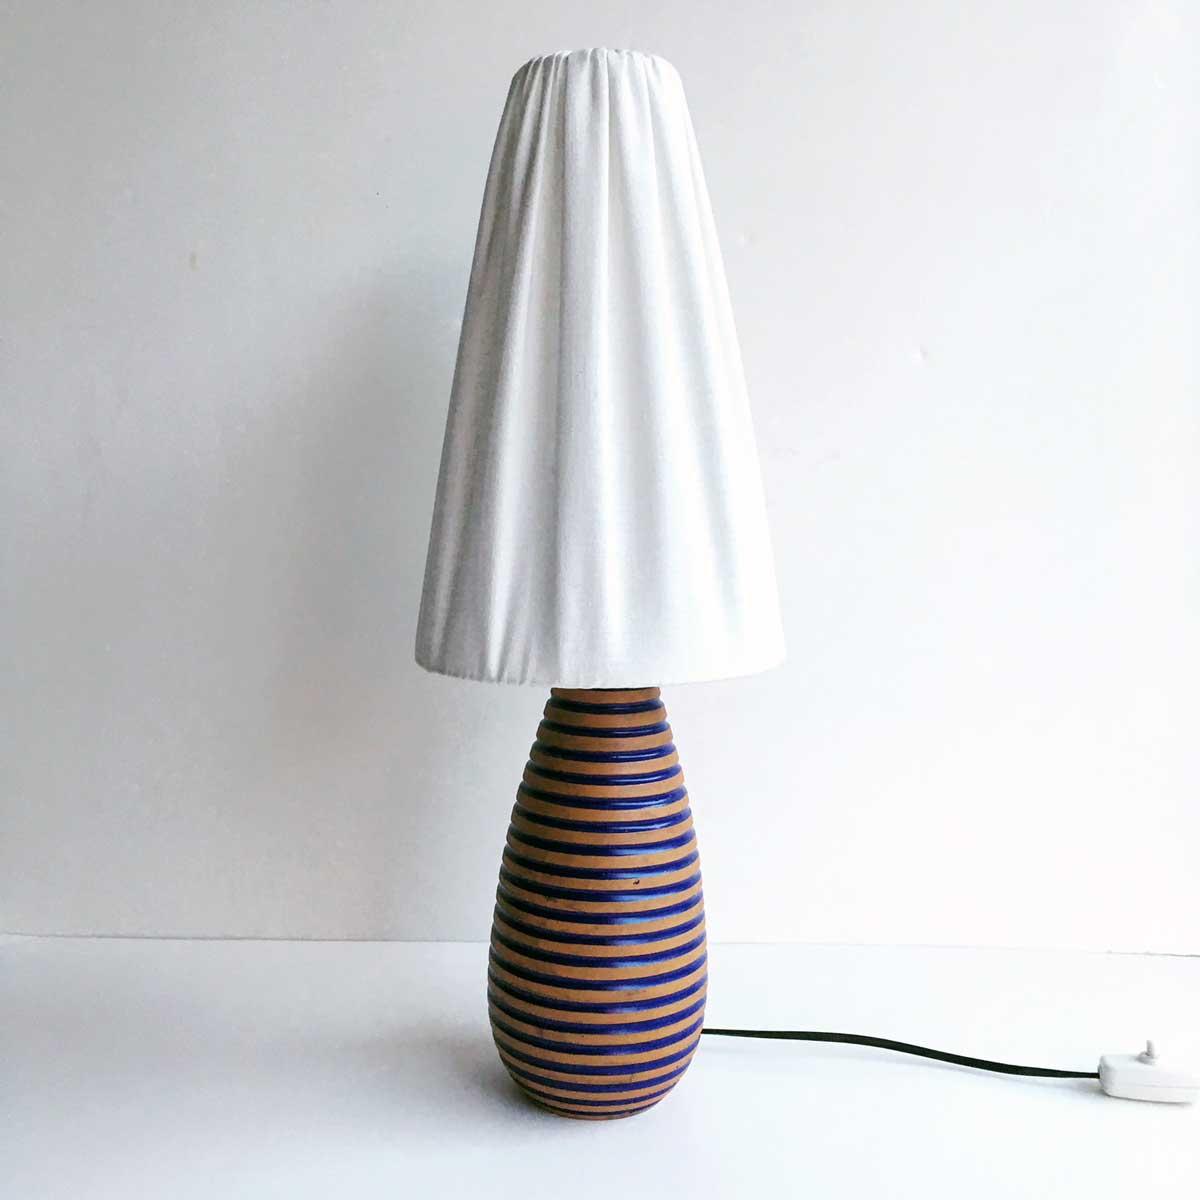 FABRIKEN_bordslampa_IAtterberg